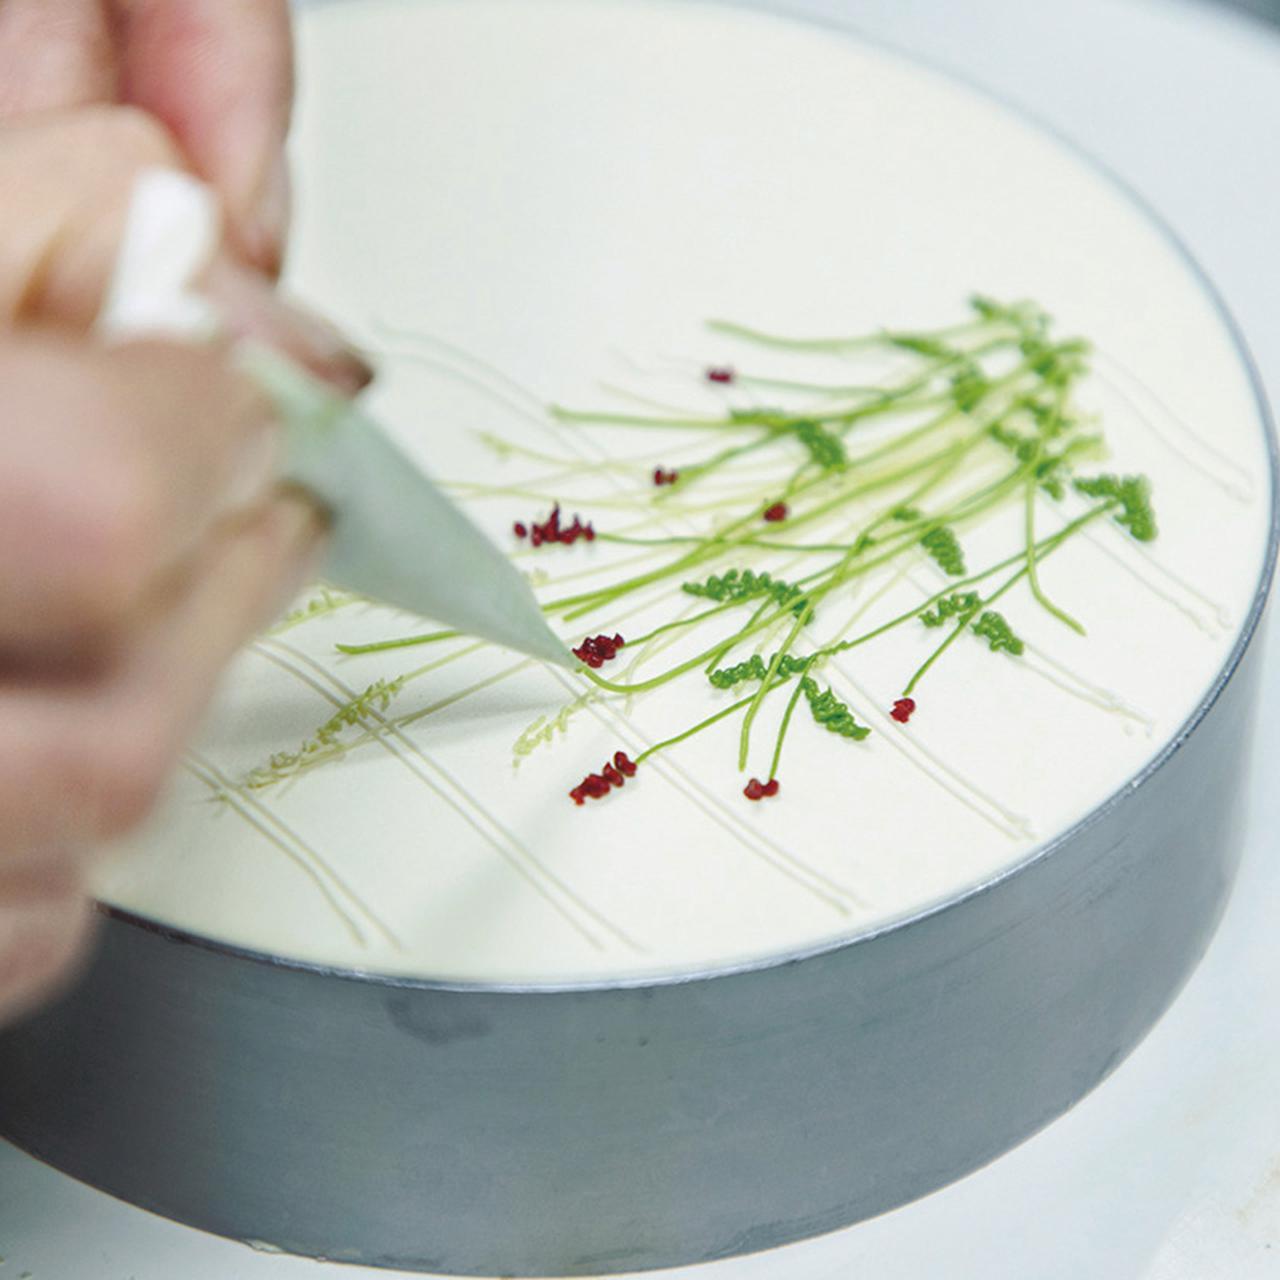 Images : 11番目の画像 - 「パーラー ローレルの 熟練職人が紡ぎだす 花のケーキの物語」のアルバム - T JAPAN:The New York Times Style Magazine 公式サイト